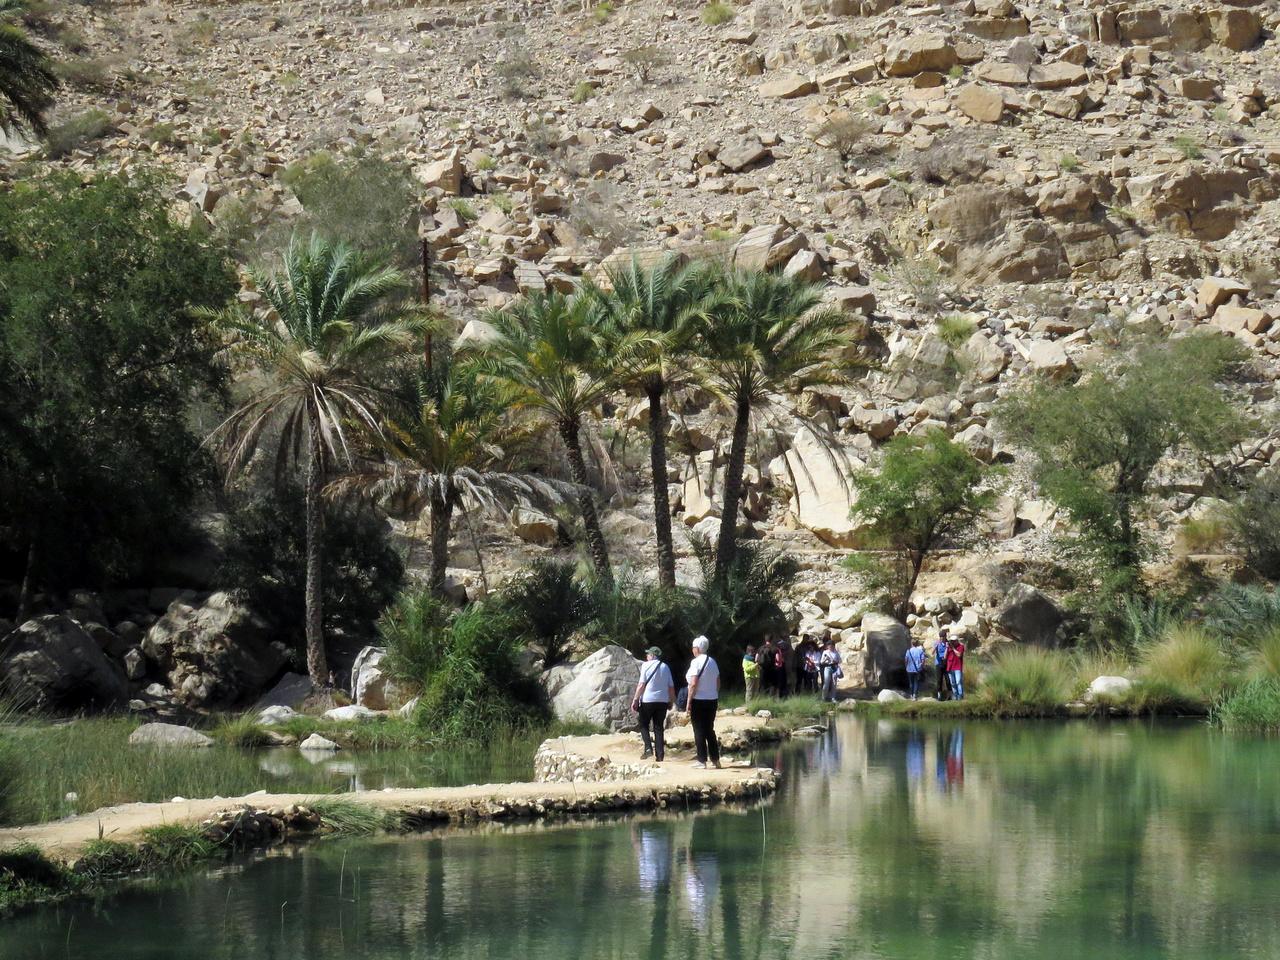 A Bani Khalid vádi az legismertebb szurdokvölgy Ománban, amit sajnos már a tömegturizmus is felfedezett. A nyugodt látogatás titka, hogy kora délelőtt már ott kell lenni. A vádiban futó patak folyamatosan kapja a vizet egy forrásból, ráadásul ez a víz kellemesen langyos, és nagyon jól esik benne a fürdőzés. A patak egy tóba torkollik, ahol lelkes kis halak szabadítanak meg bennünket a lábfejünk elhalt sejtjeitől. Erős bónusz, hogy a kanyonban elveszített kalapomat egy jótét lélek leadta a kávézóban, így csak később hagytam el végleg.